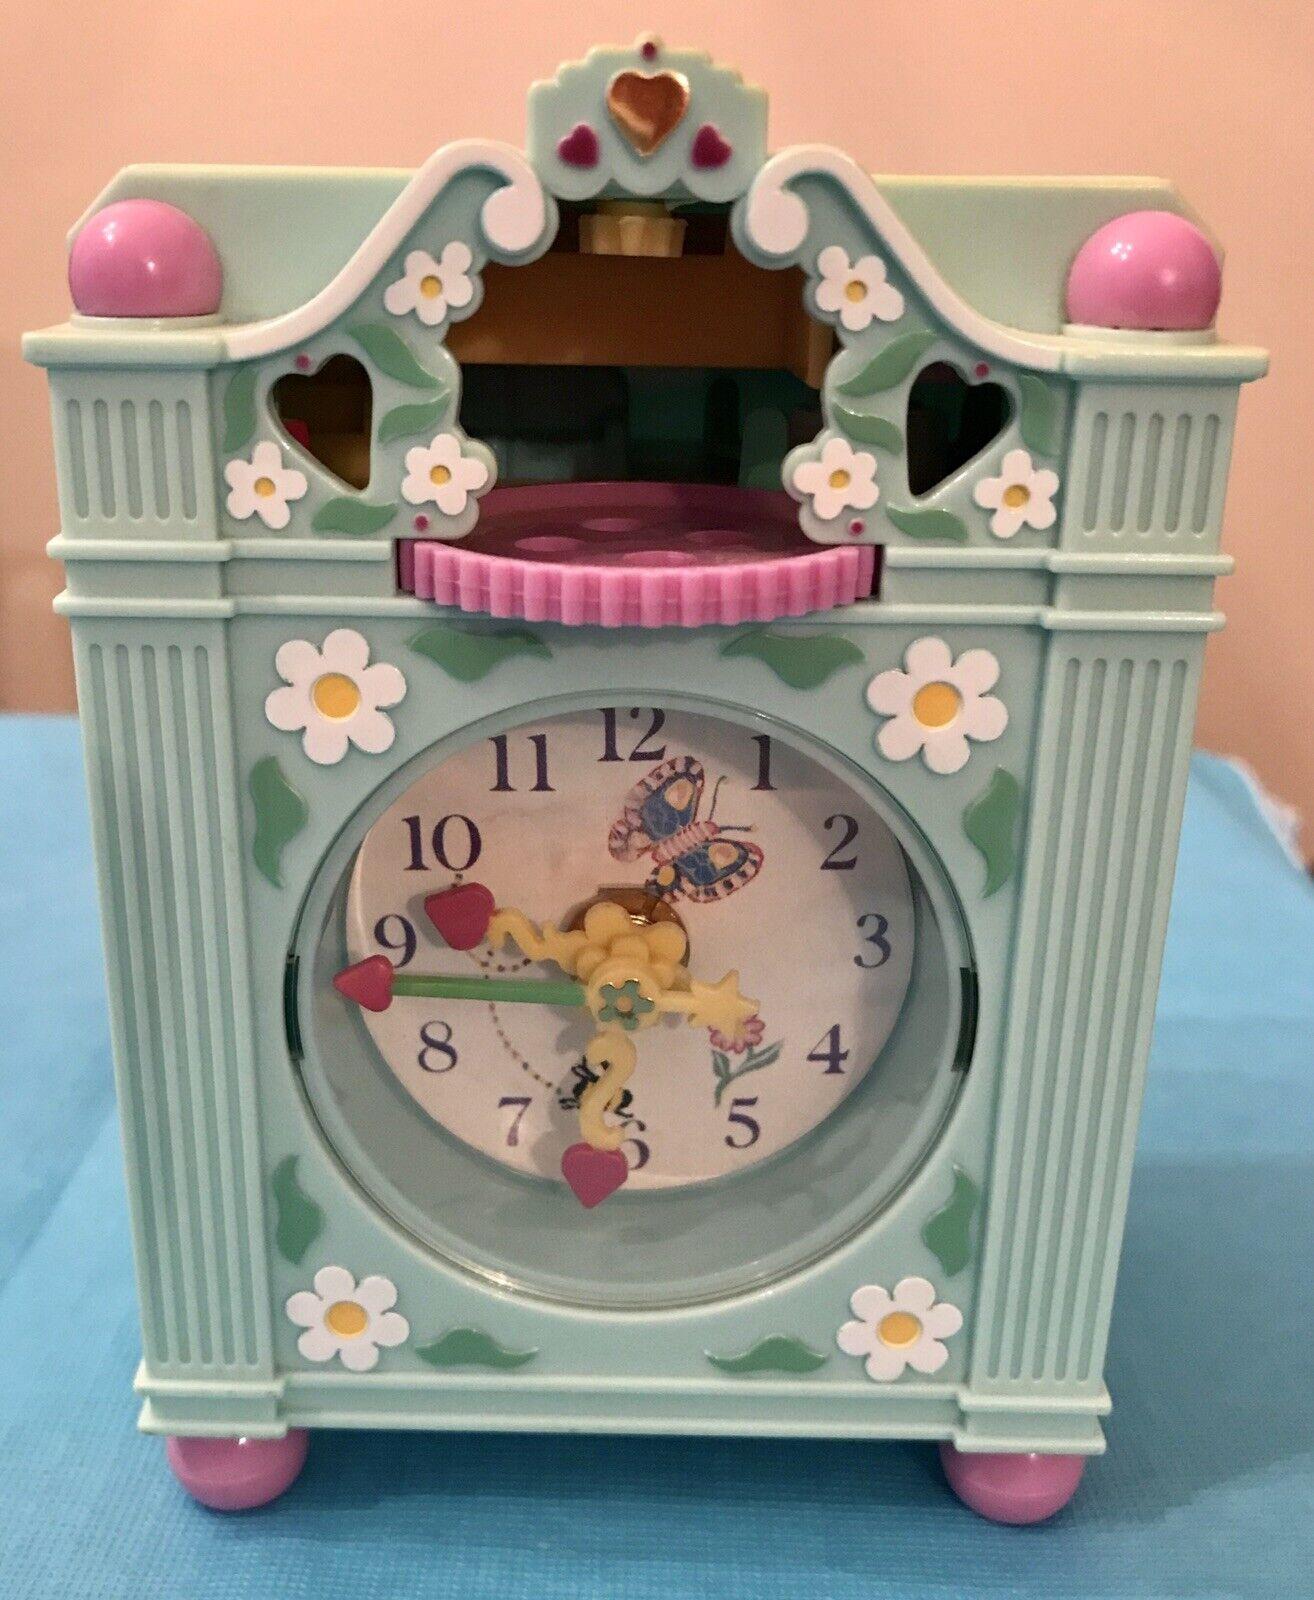 1991 Polly Pocket Funtime Reloj